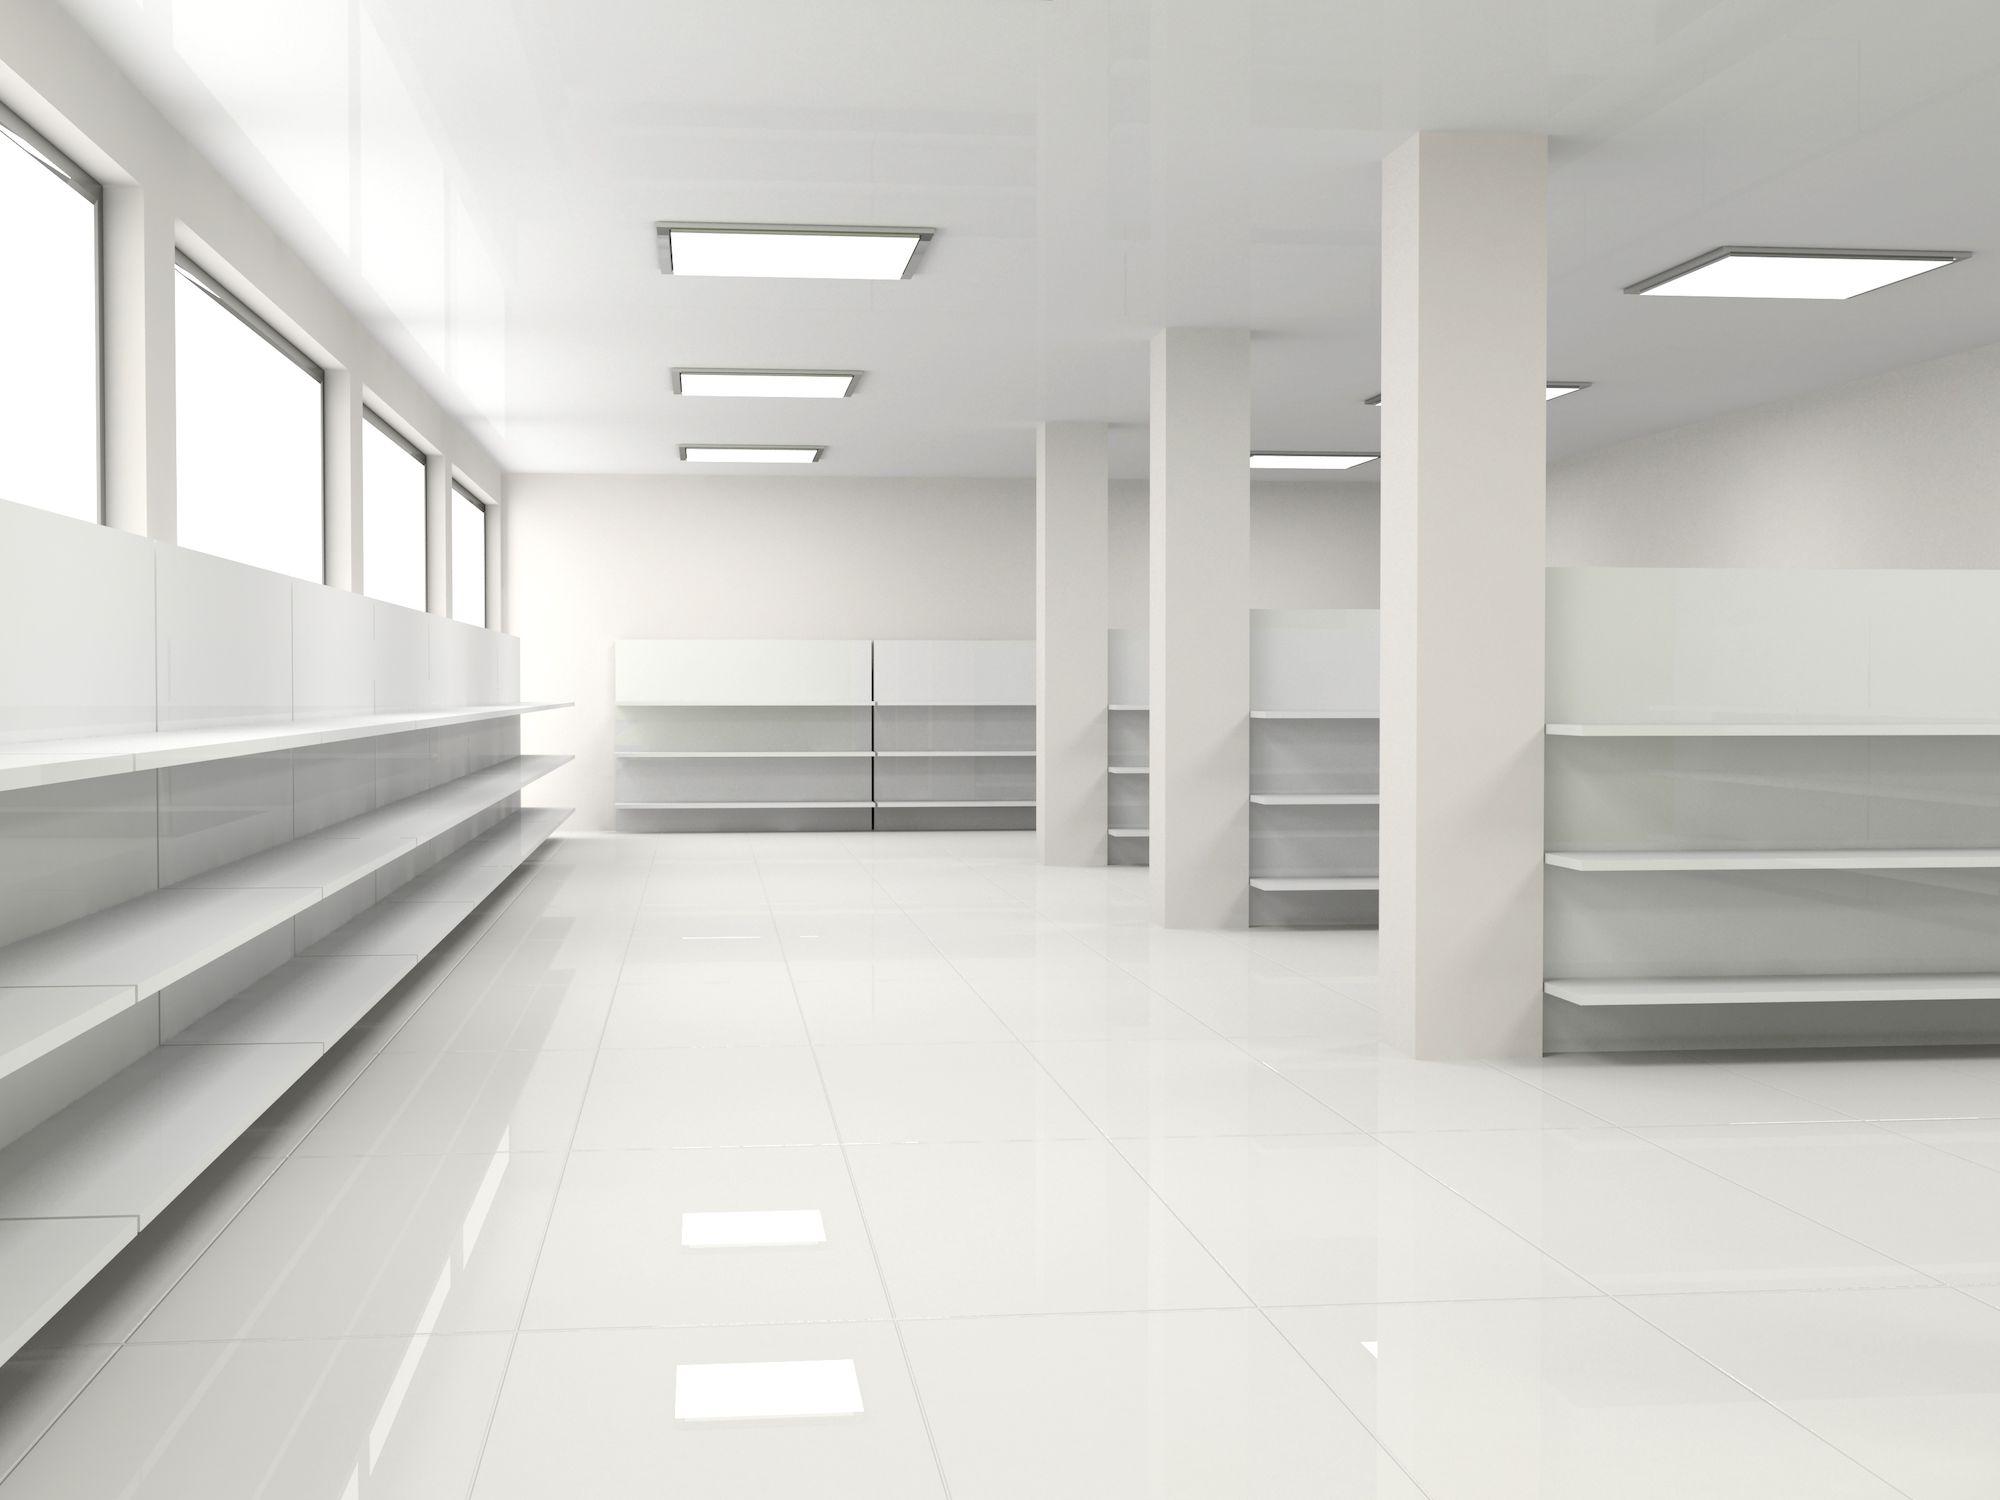 11908581 - white empty hall with shelf